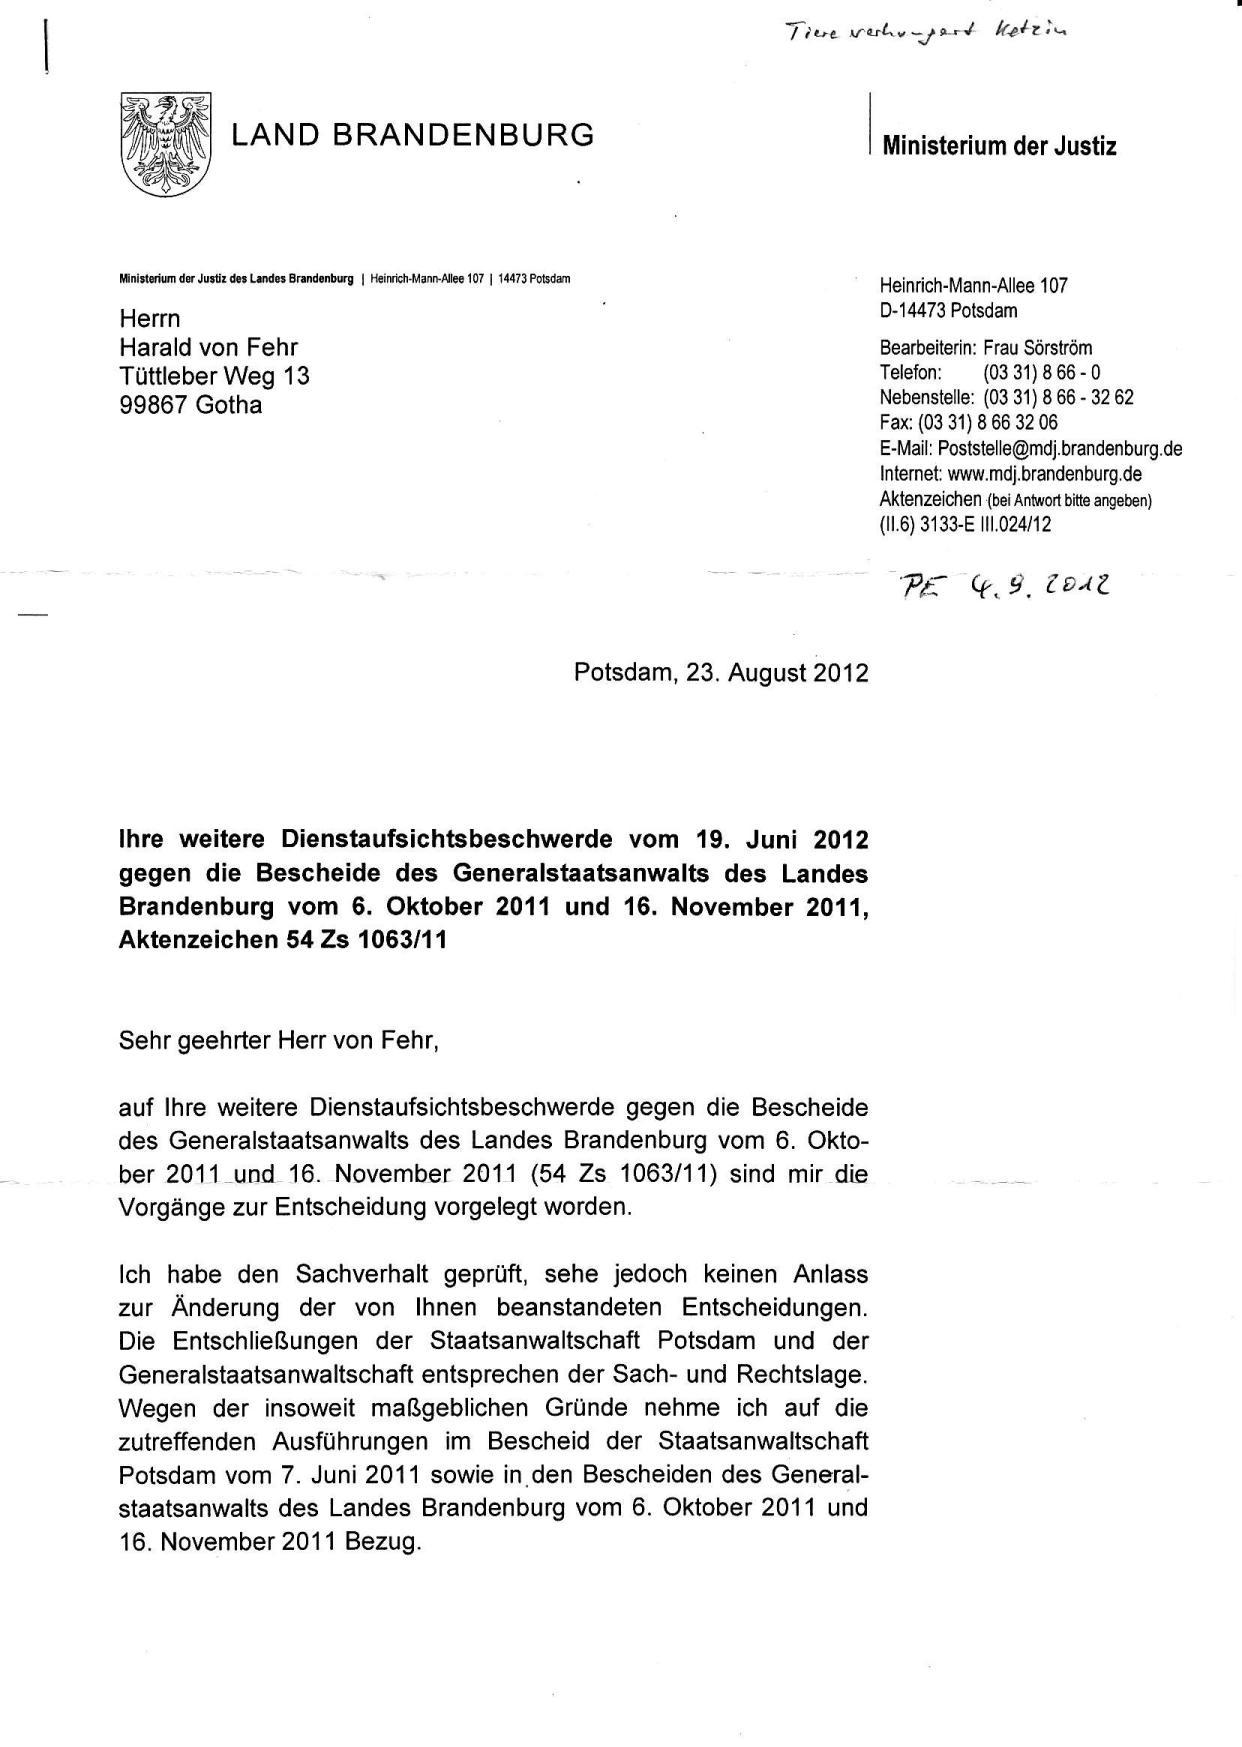 Abhilfeweigerung des JM Brandenburg v. 23.08.2012_01